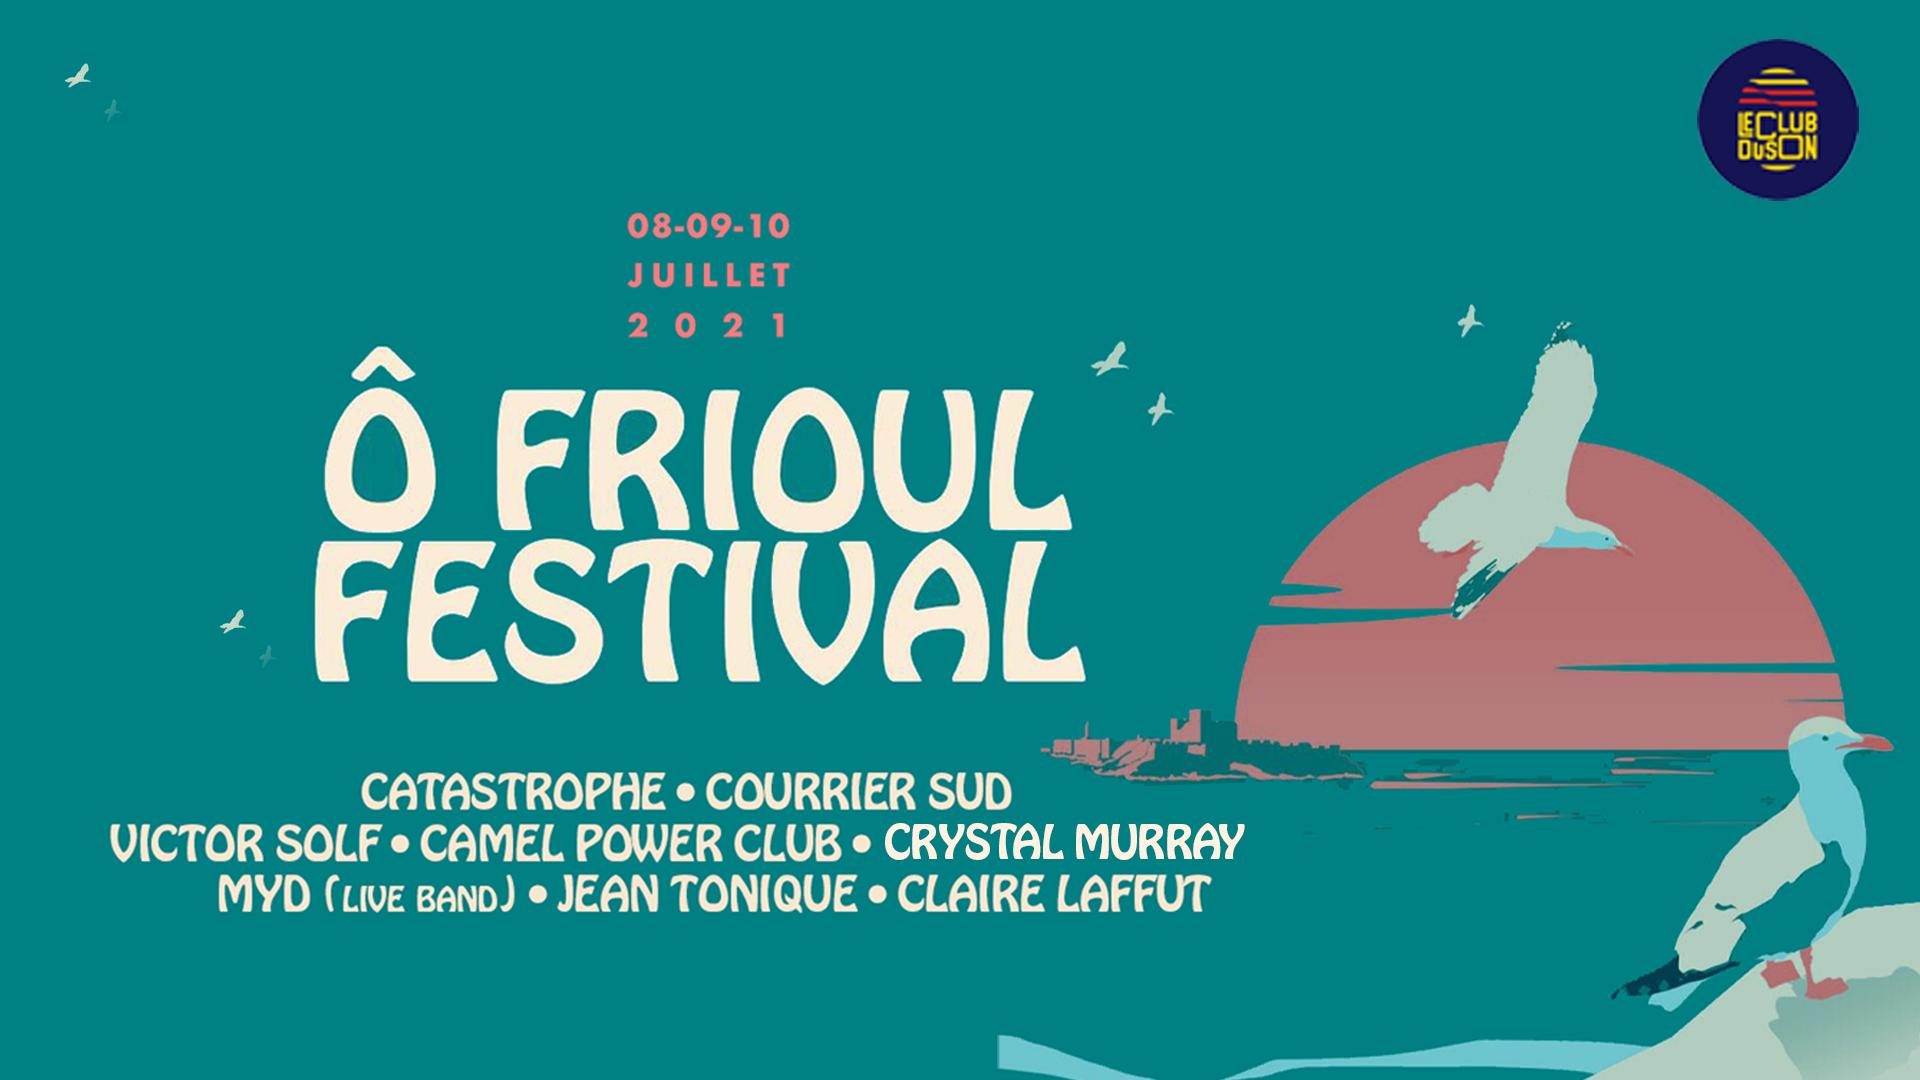 Ô Frioul Festival   8-9-10 juillet